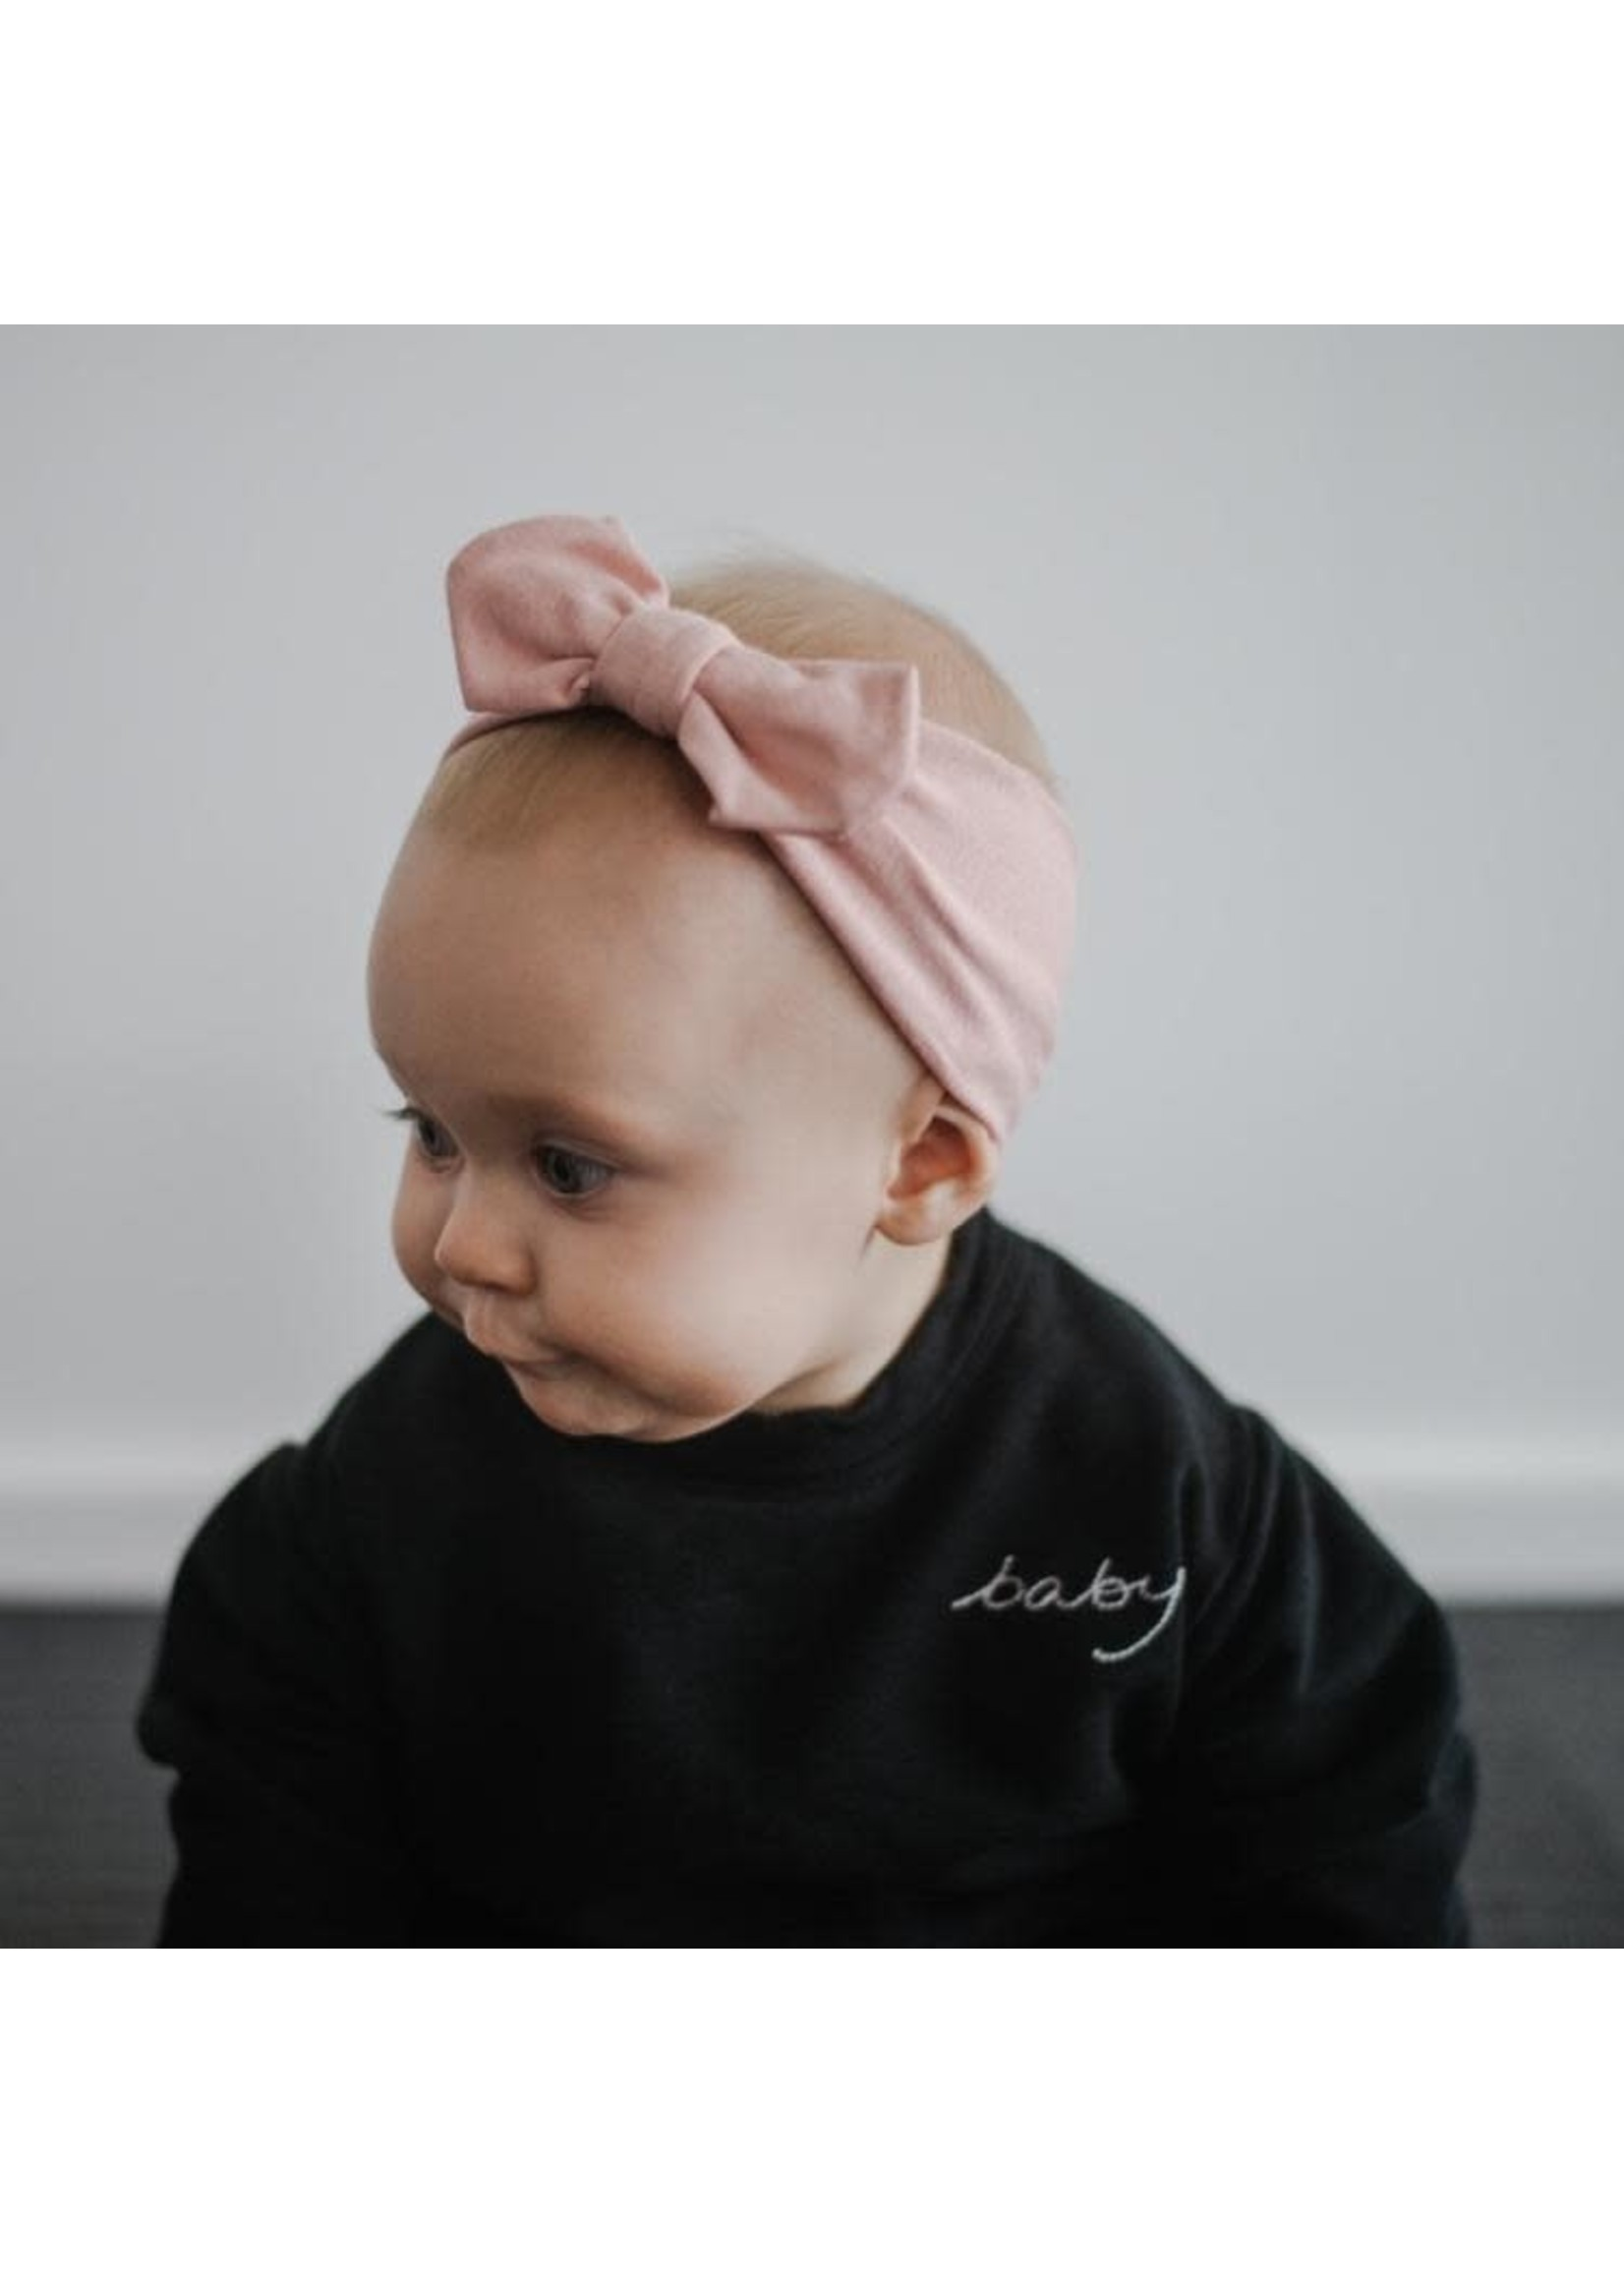 North Kinder NK headband